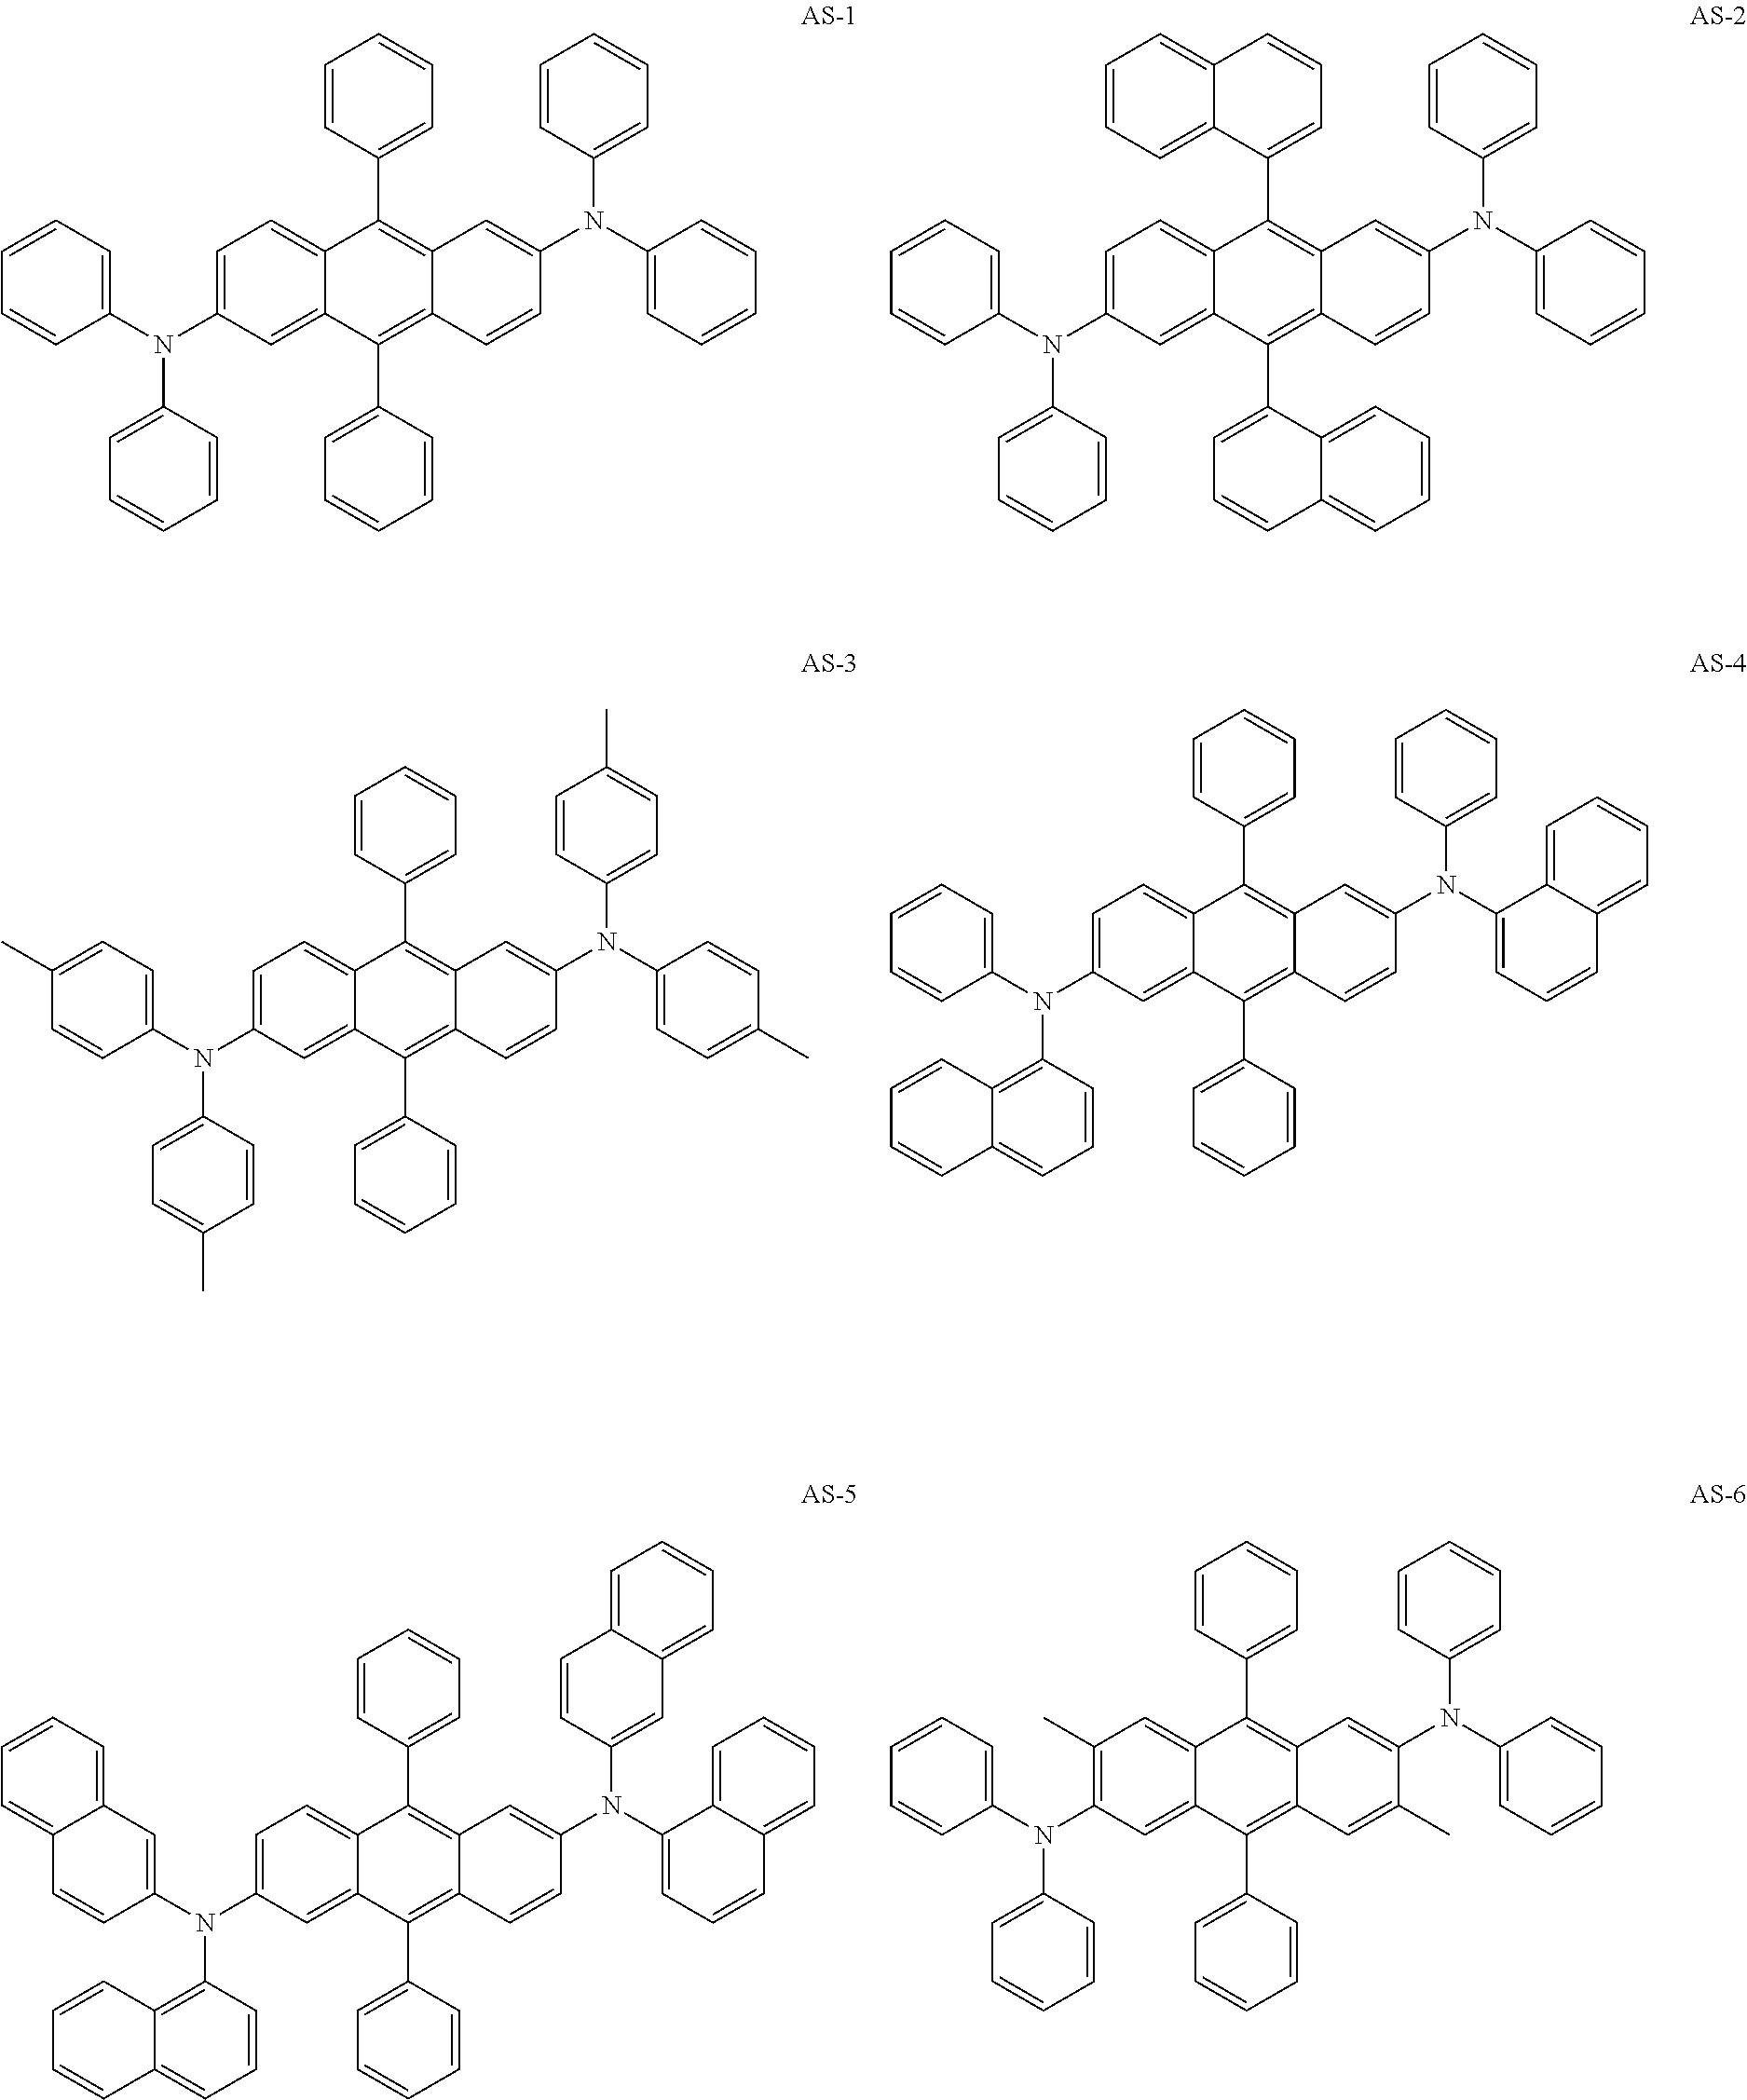 Figure US20110018429A1-20110127-C00014